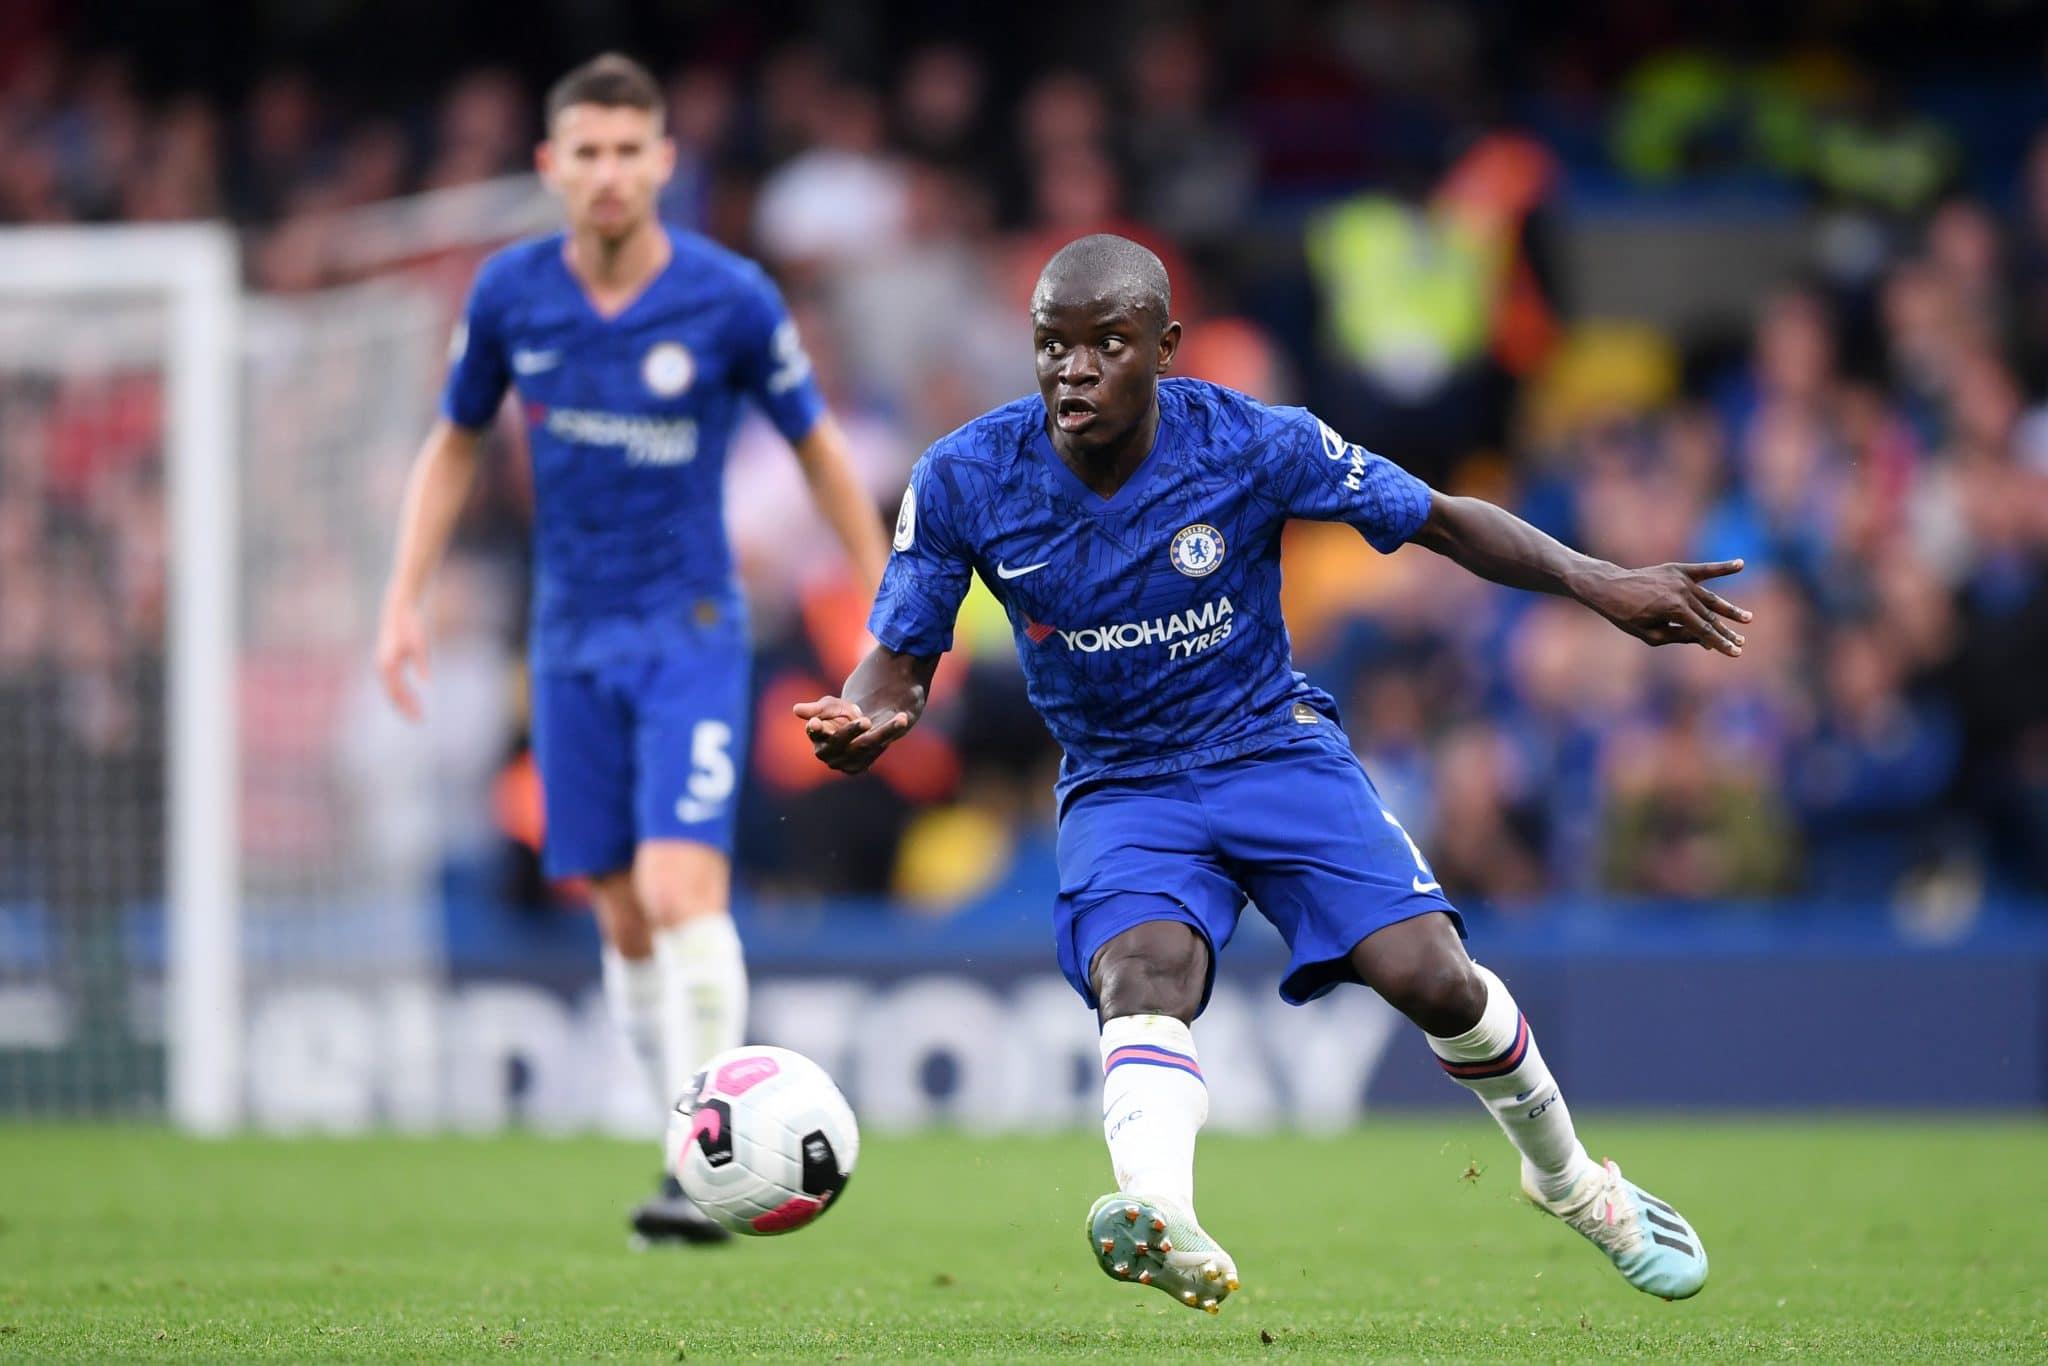 Chelsea midfielder N'Golo Kanté